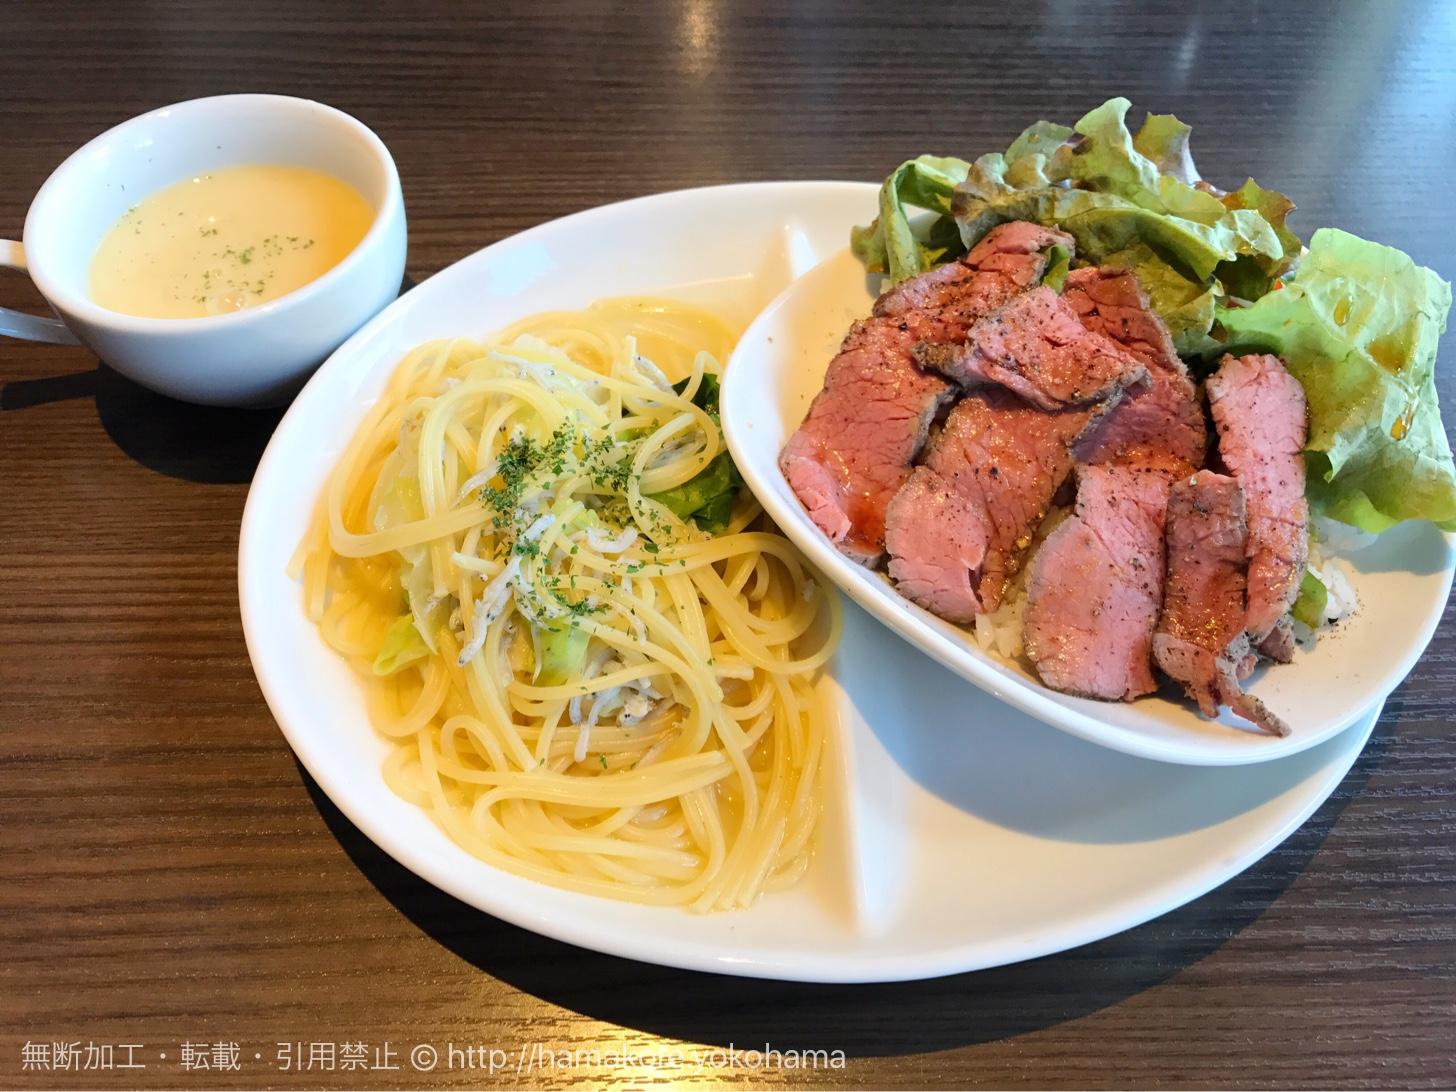 ローストビーフ丼とパスタセット